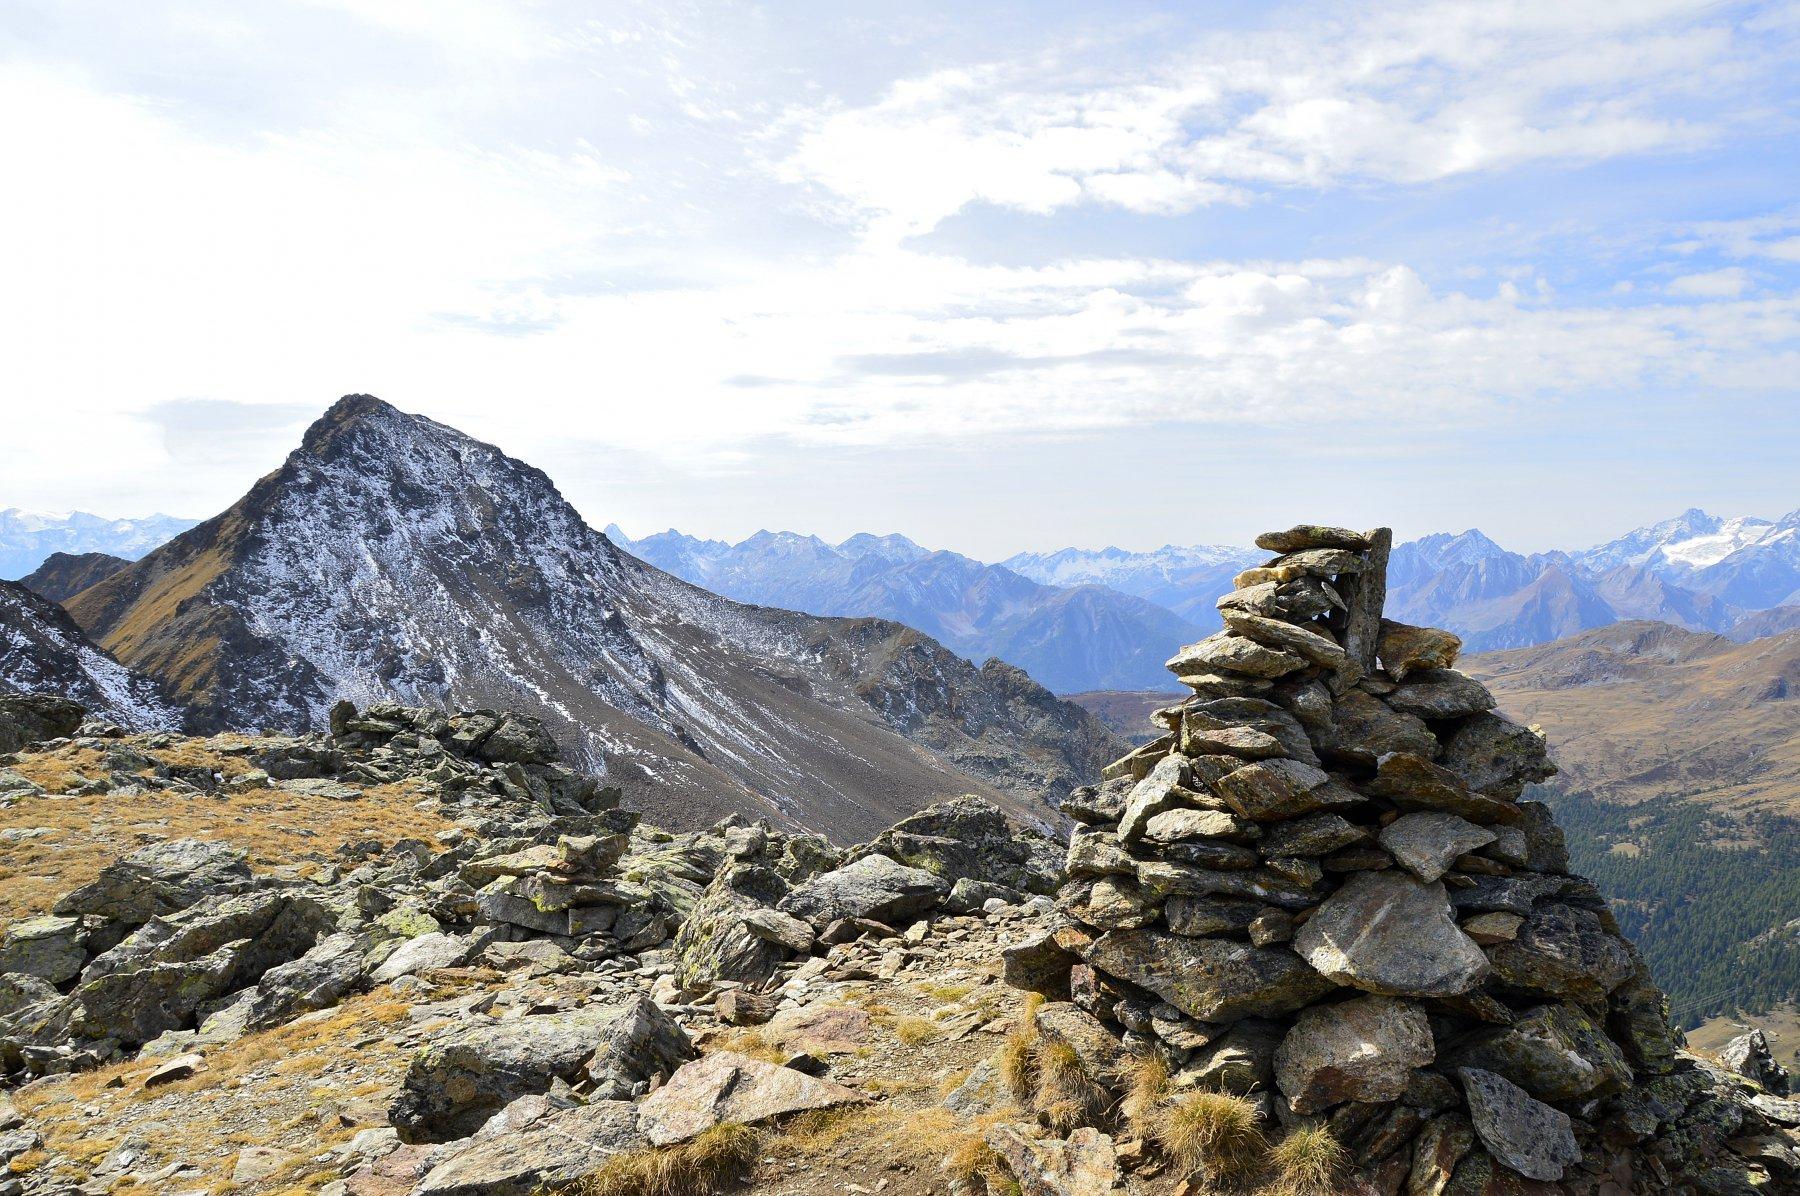 Vetta del Vertosan e a dx il monte Rosso di Vertosan